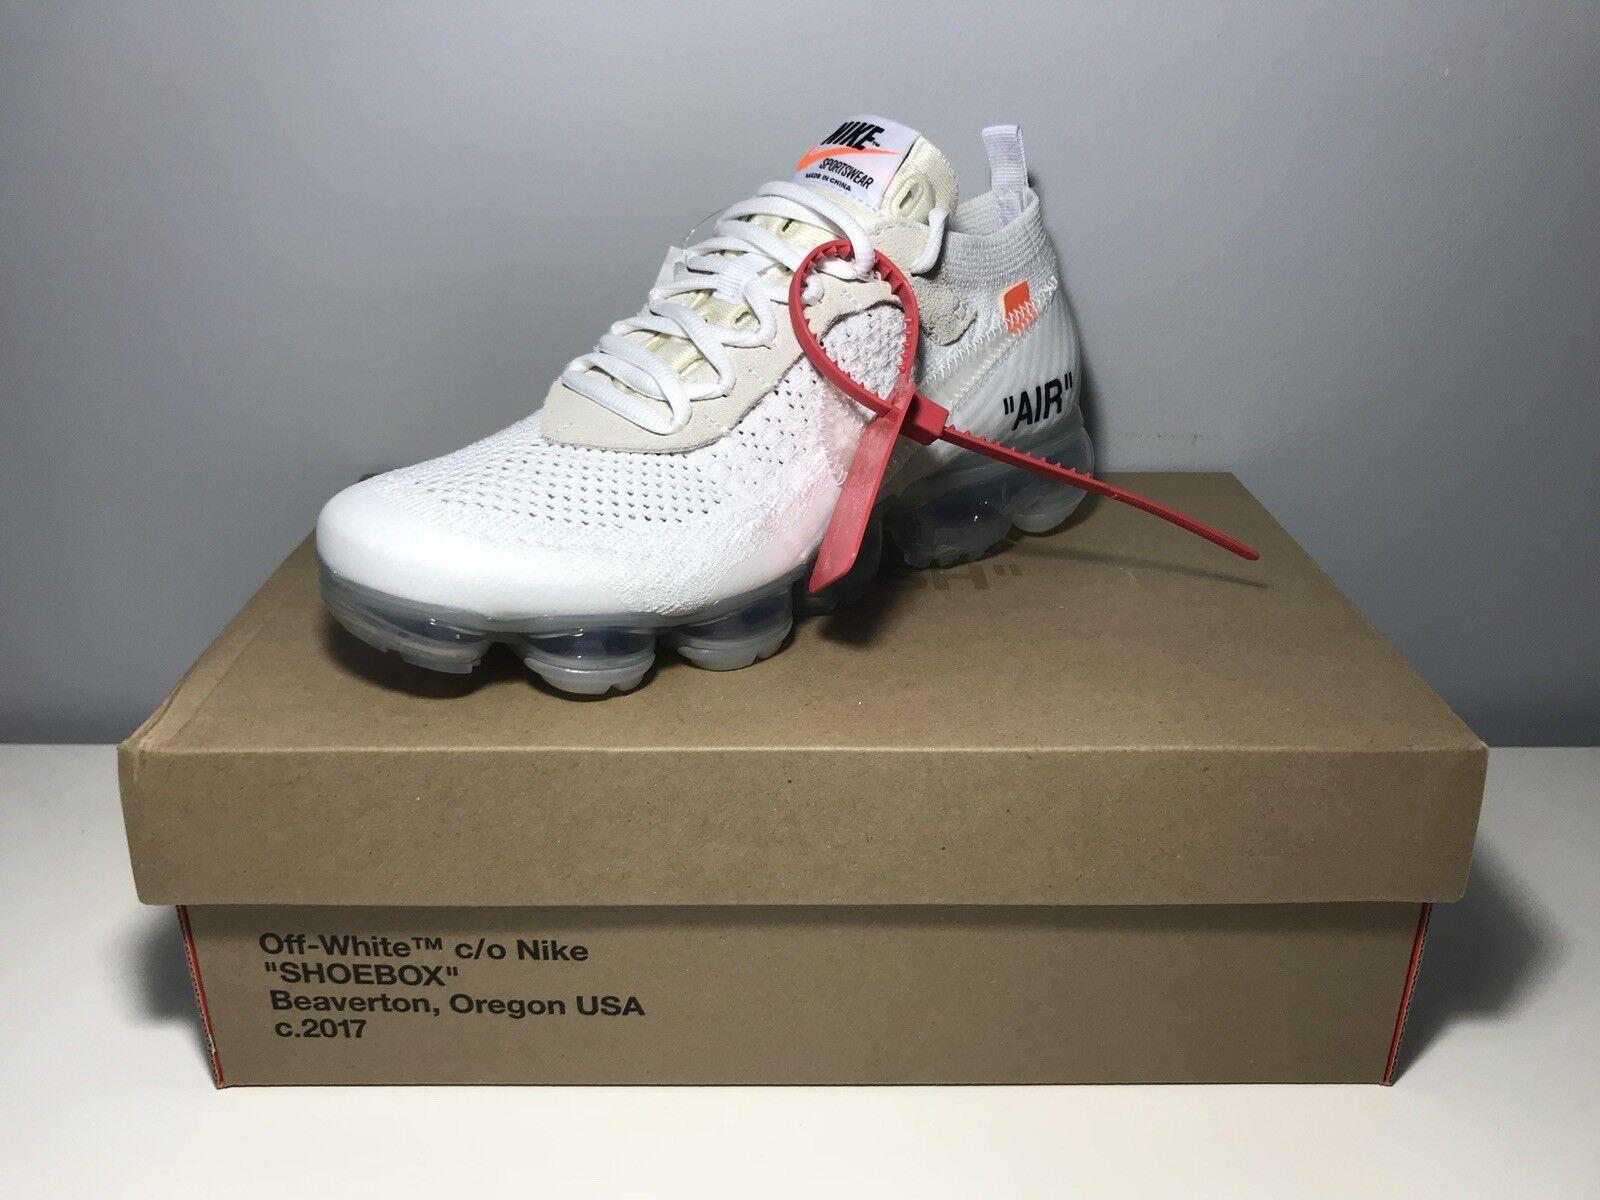 Off White × Nike Vapormax 2.0 White/Size US 7